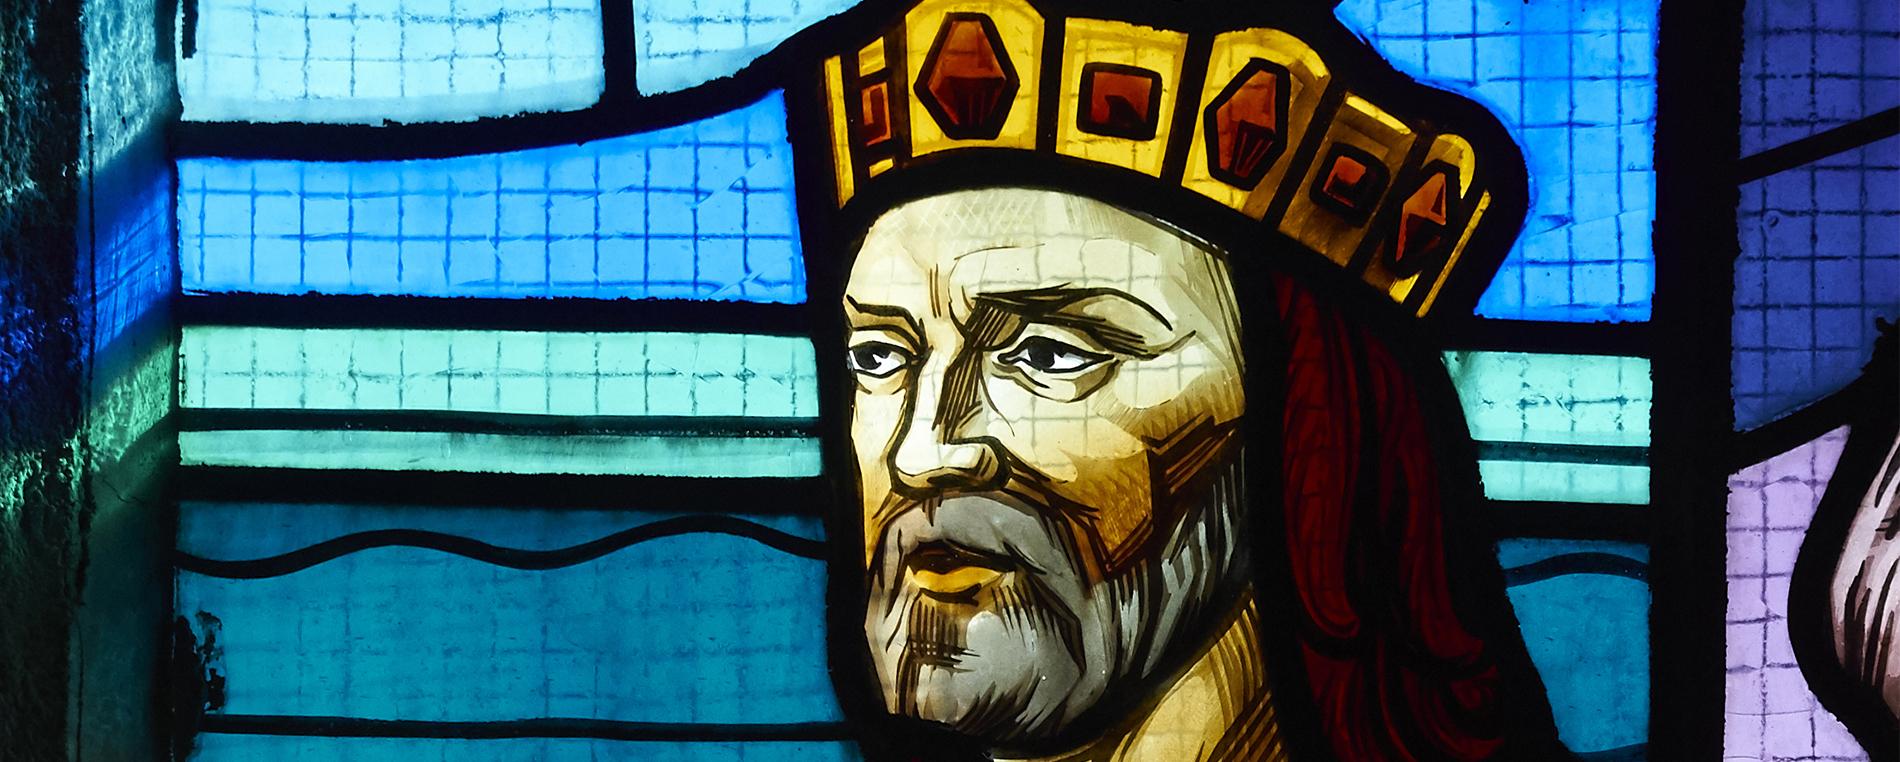 Le Roi Gradlon